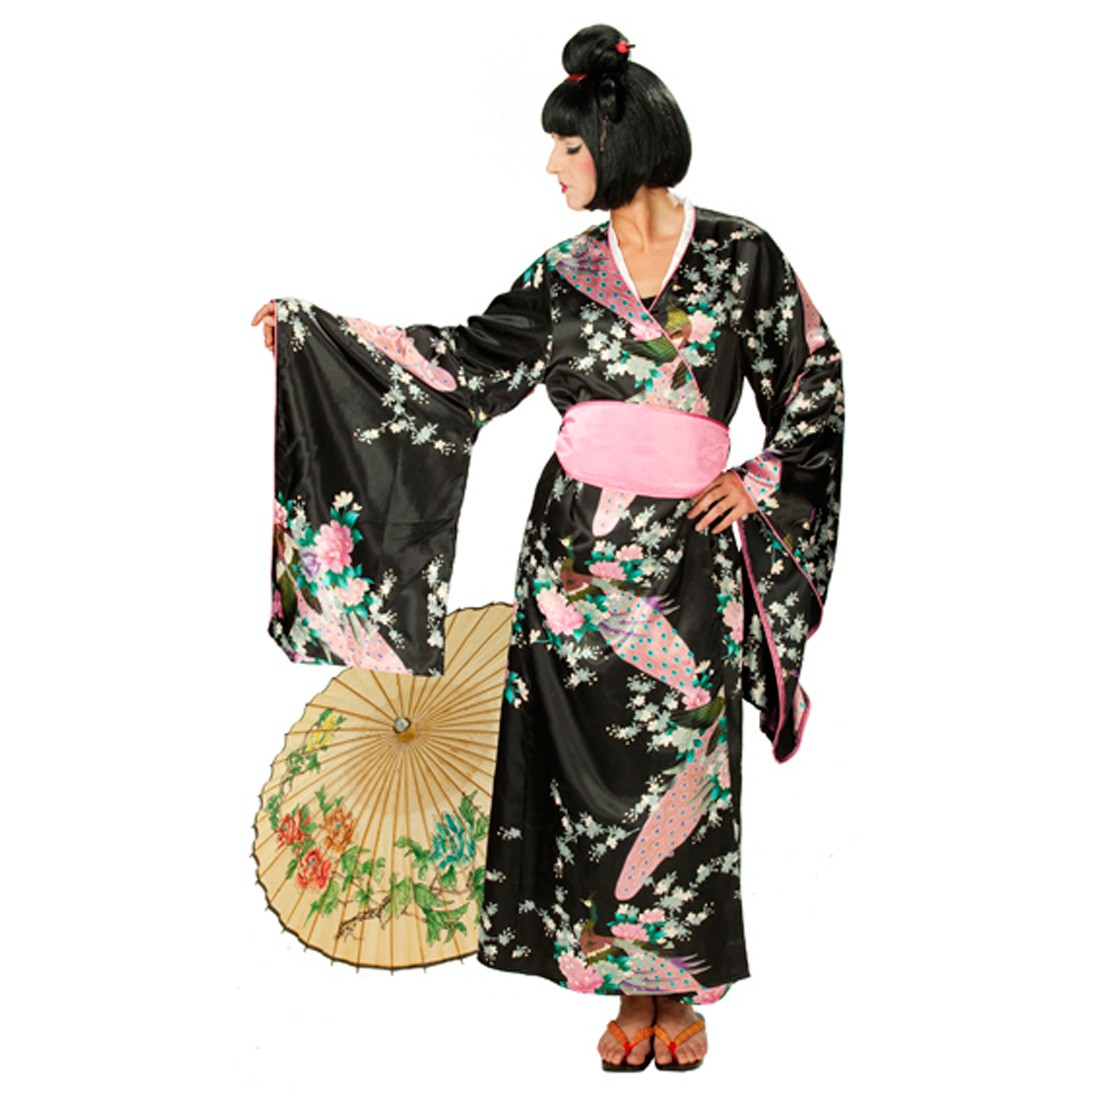 schwarzer kimono kost m geisha mit bl ten 39 99. Black Bedroom Furniture Sets. Home Design Ideas